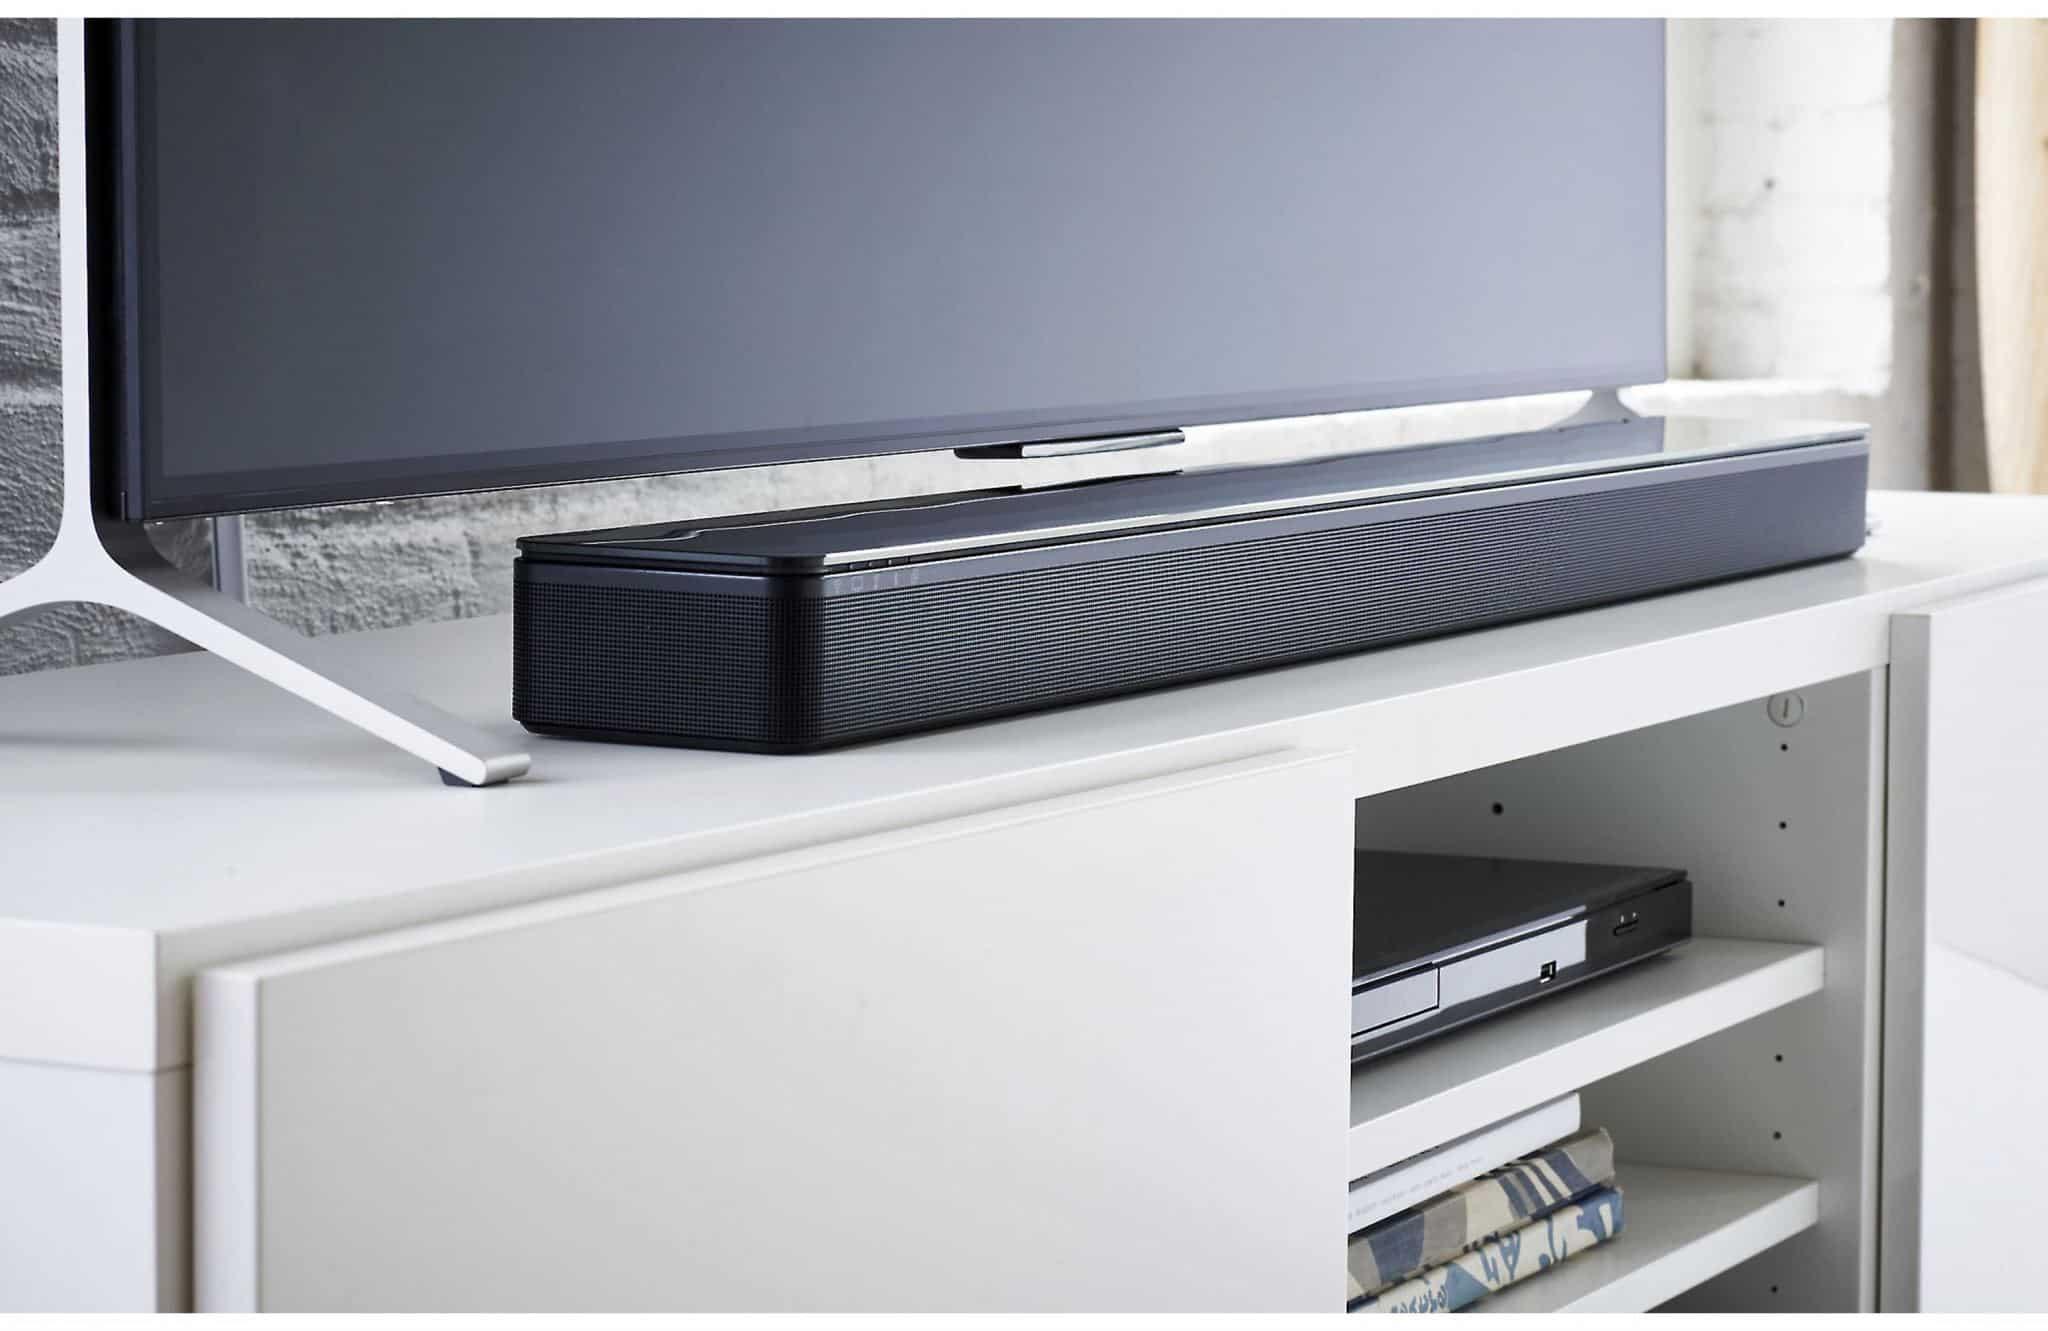 Bose SoundTouch 300 – soundbar